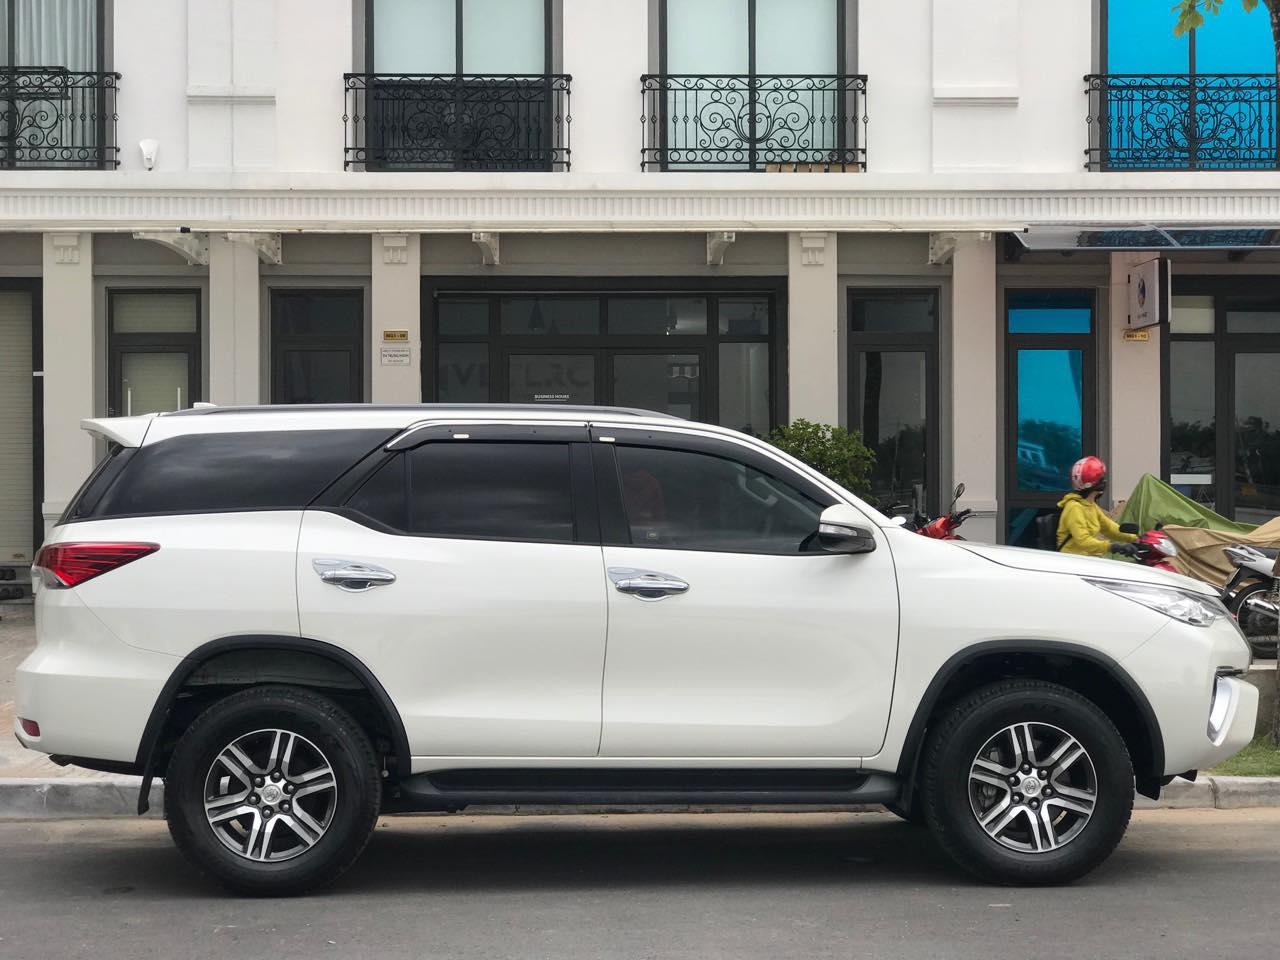 Dịch vụ thuê xe 7 chỗ tại quận 11 của công ty Huy Đạt